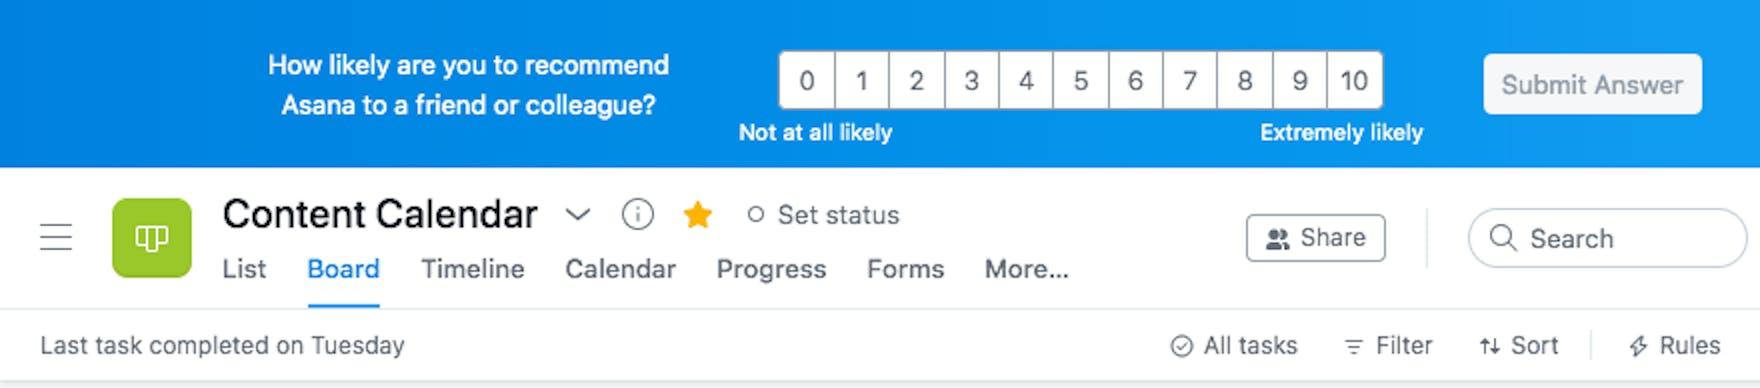 example asana customer satisfaction survey